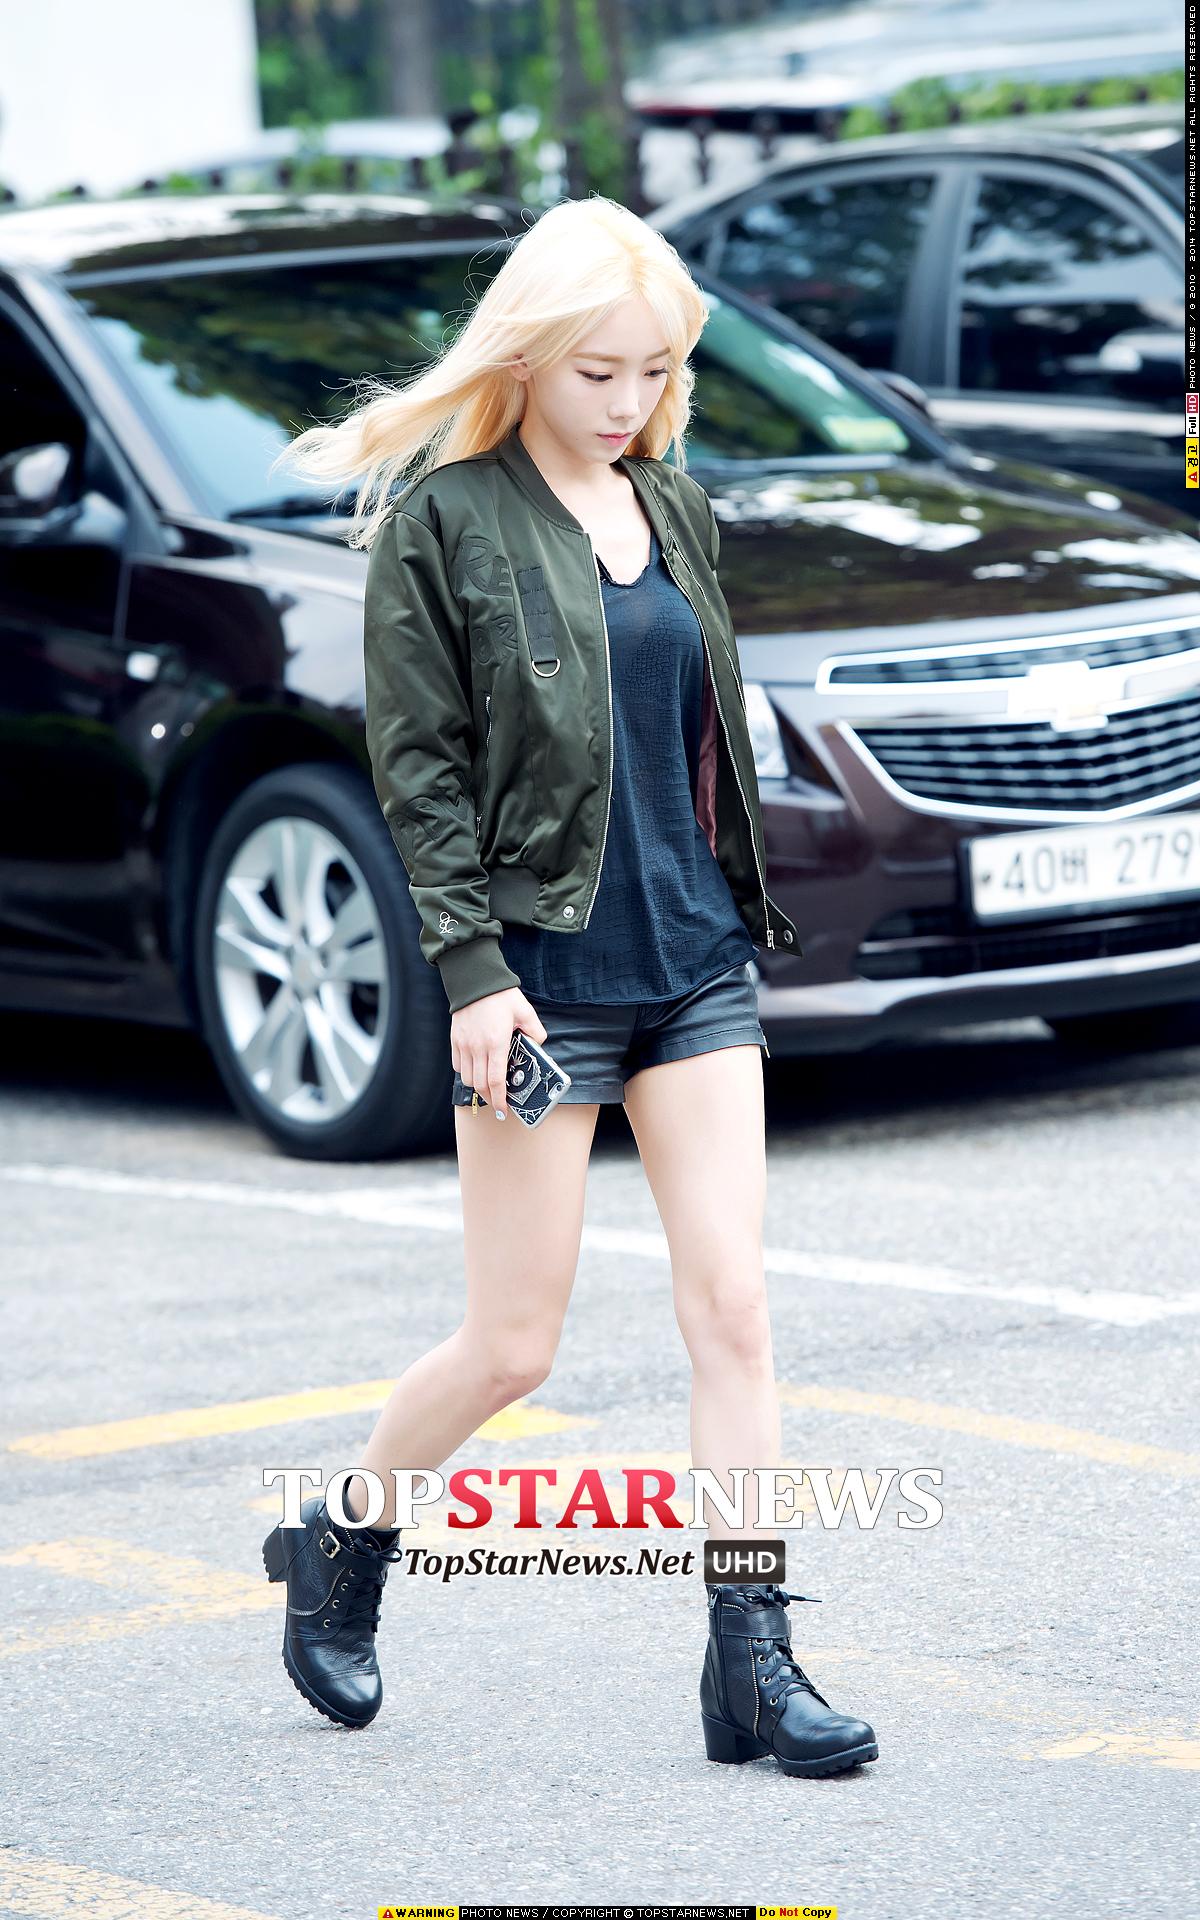 >太妍很簡單地配合軍裝風夾克選了一雙綁帶機車短靴,比例拿捏得很好所以很簡潔俐落